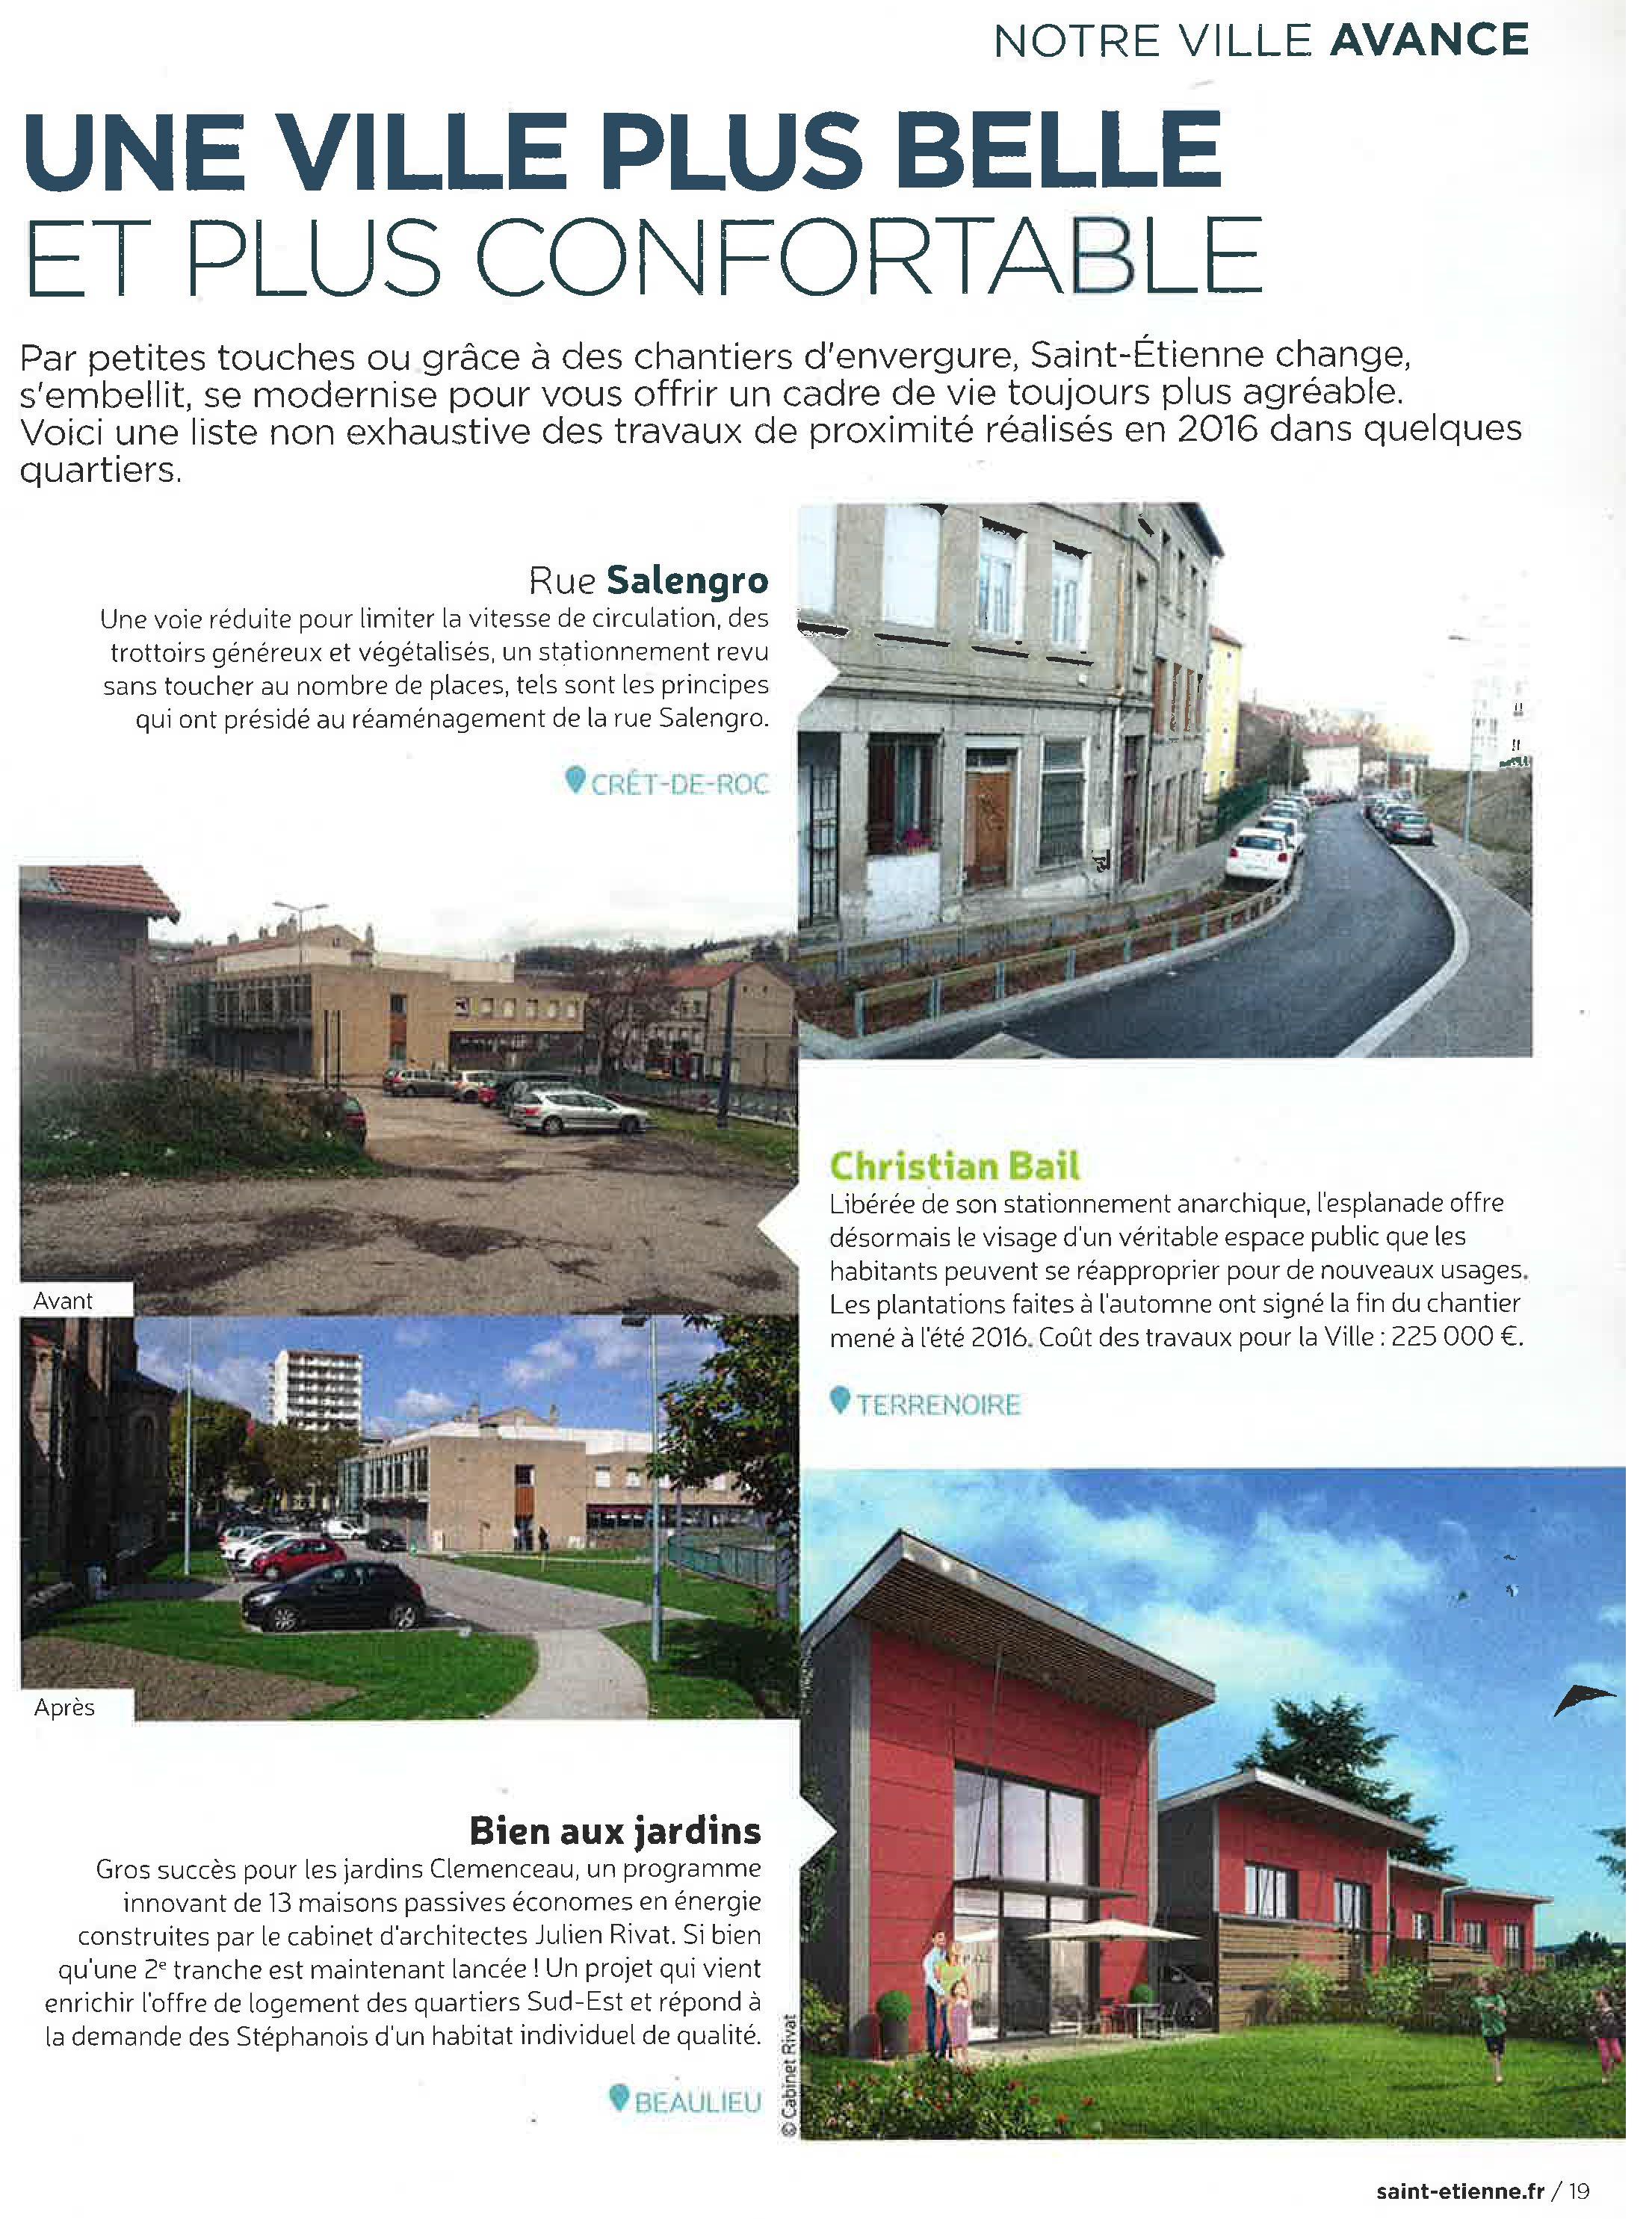 Les jardins clemenceau 13 maisons passives publi dans le magazine ville de saint etienne - Fourniture de bureau saint etienne ...